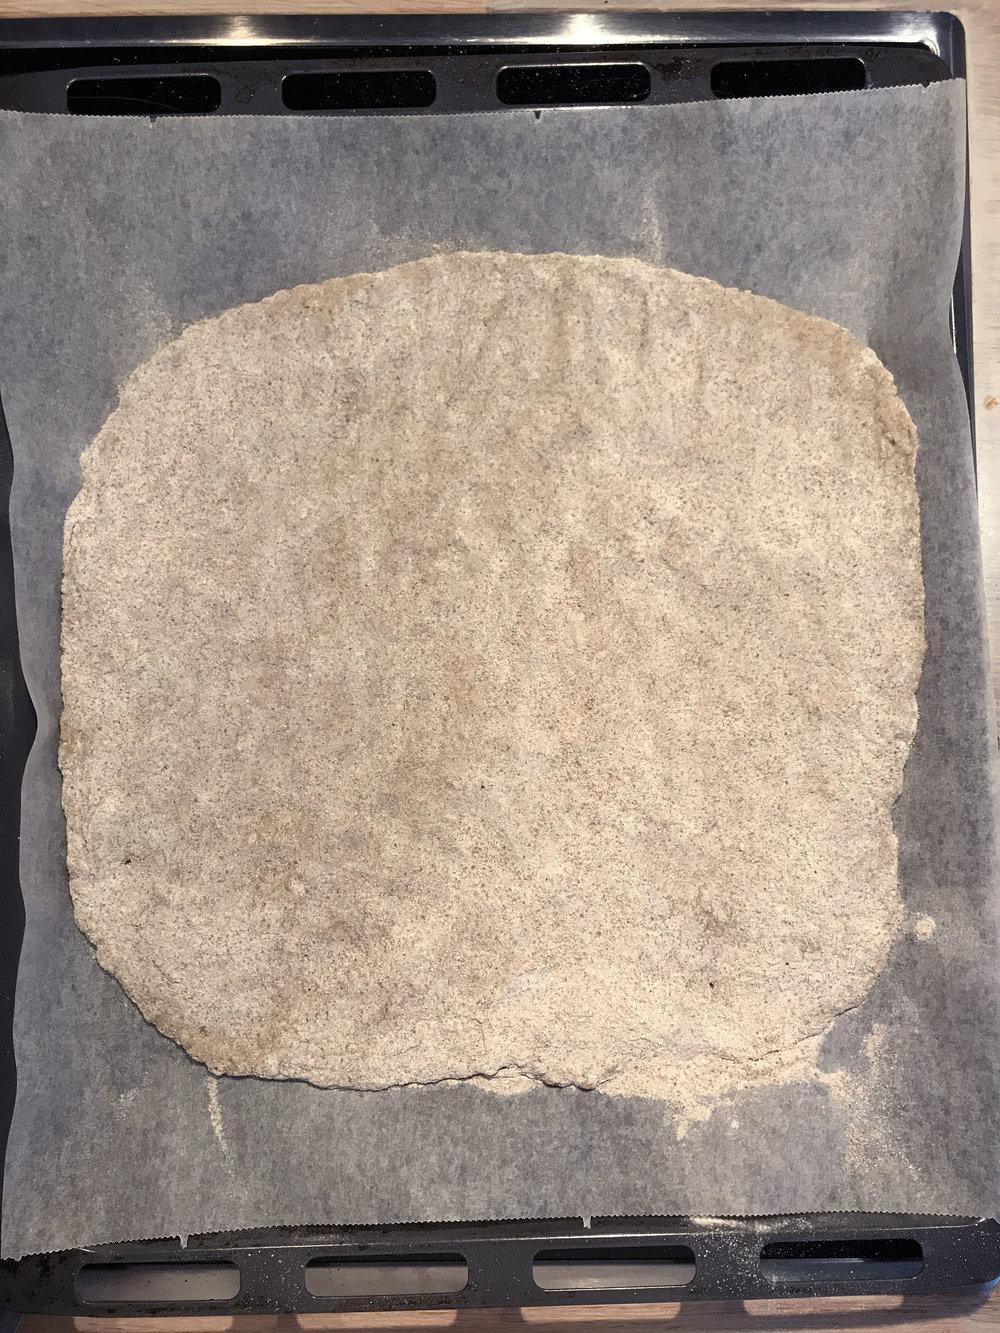 Taikina leivitetään pellille ja päälle ripotellaan jauhoja. Lopuksi se taputellaan litteäksi käsin.